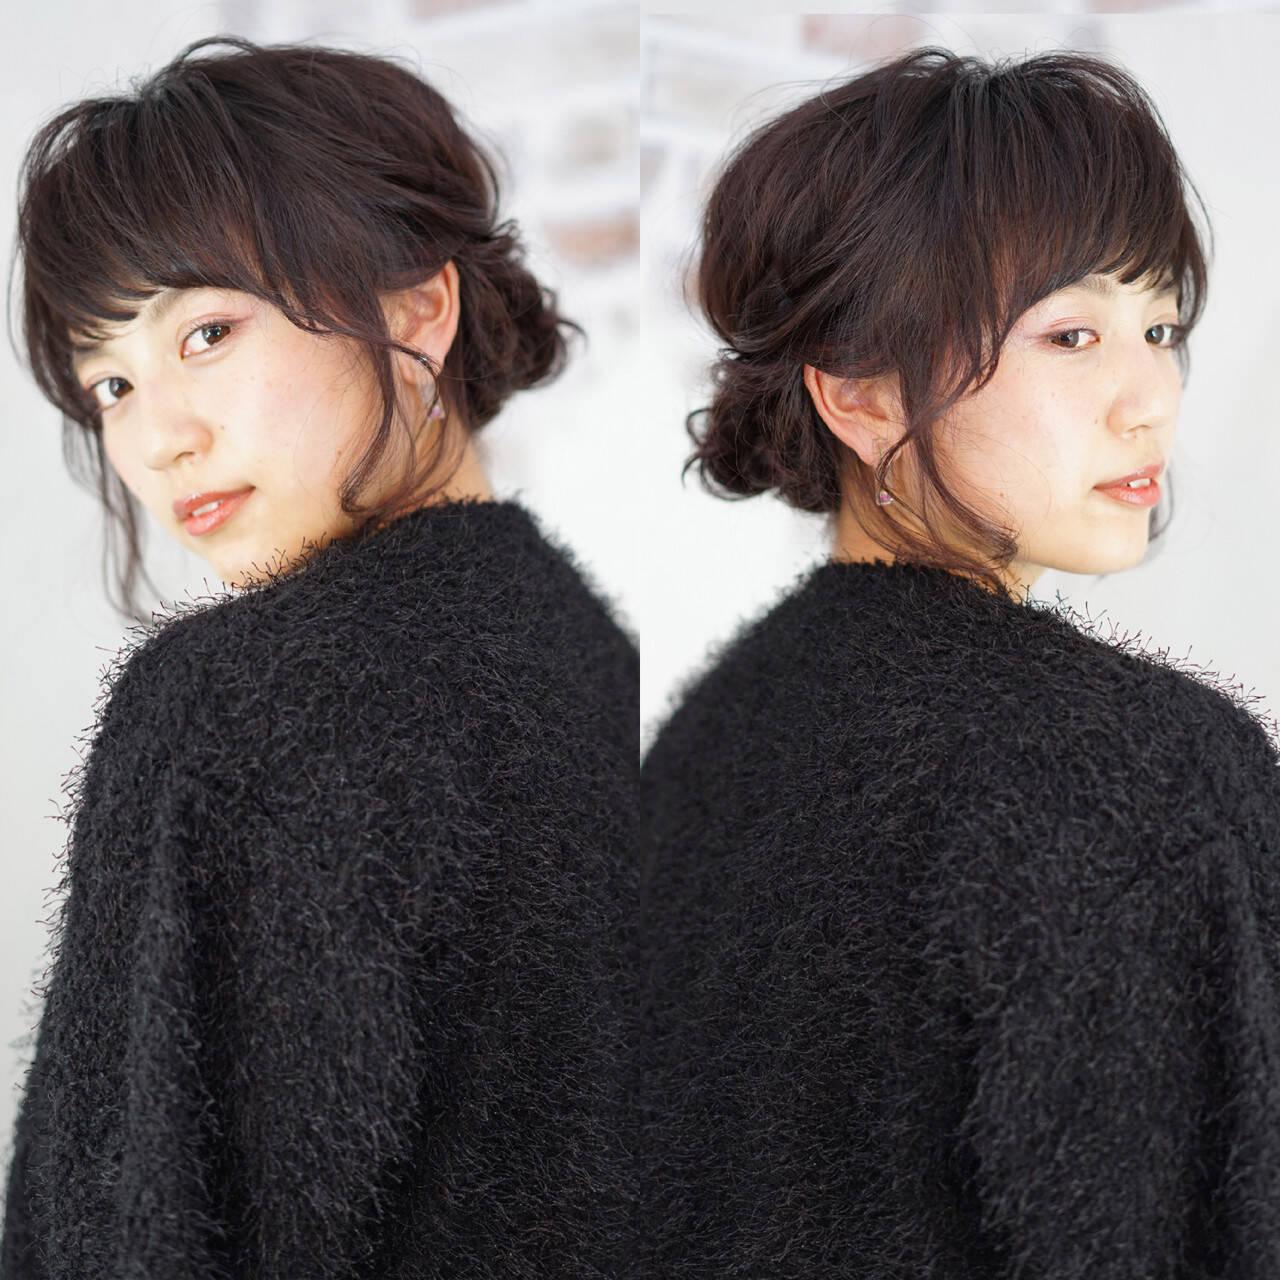 アッシュ ショート ミディアム 簡単ヘアアレンジヘアスタイルや髪型の写真・画像